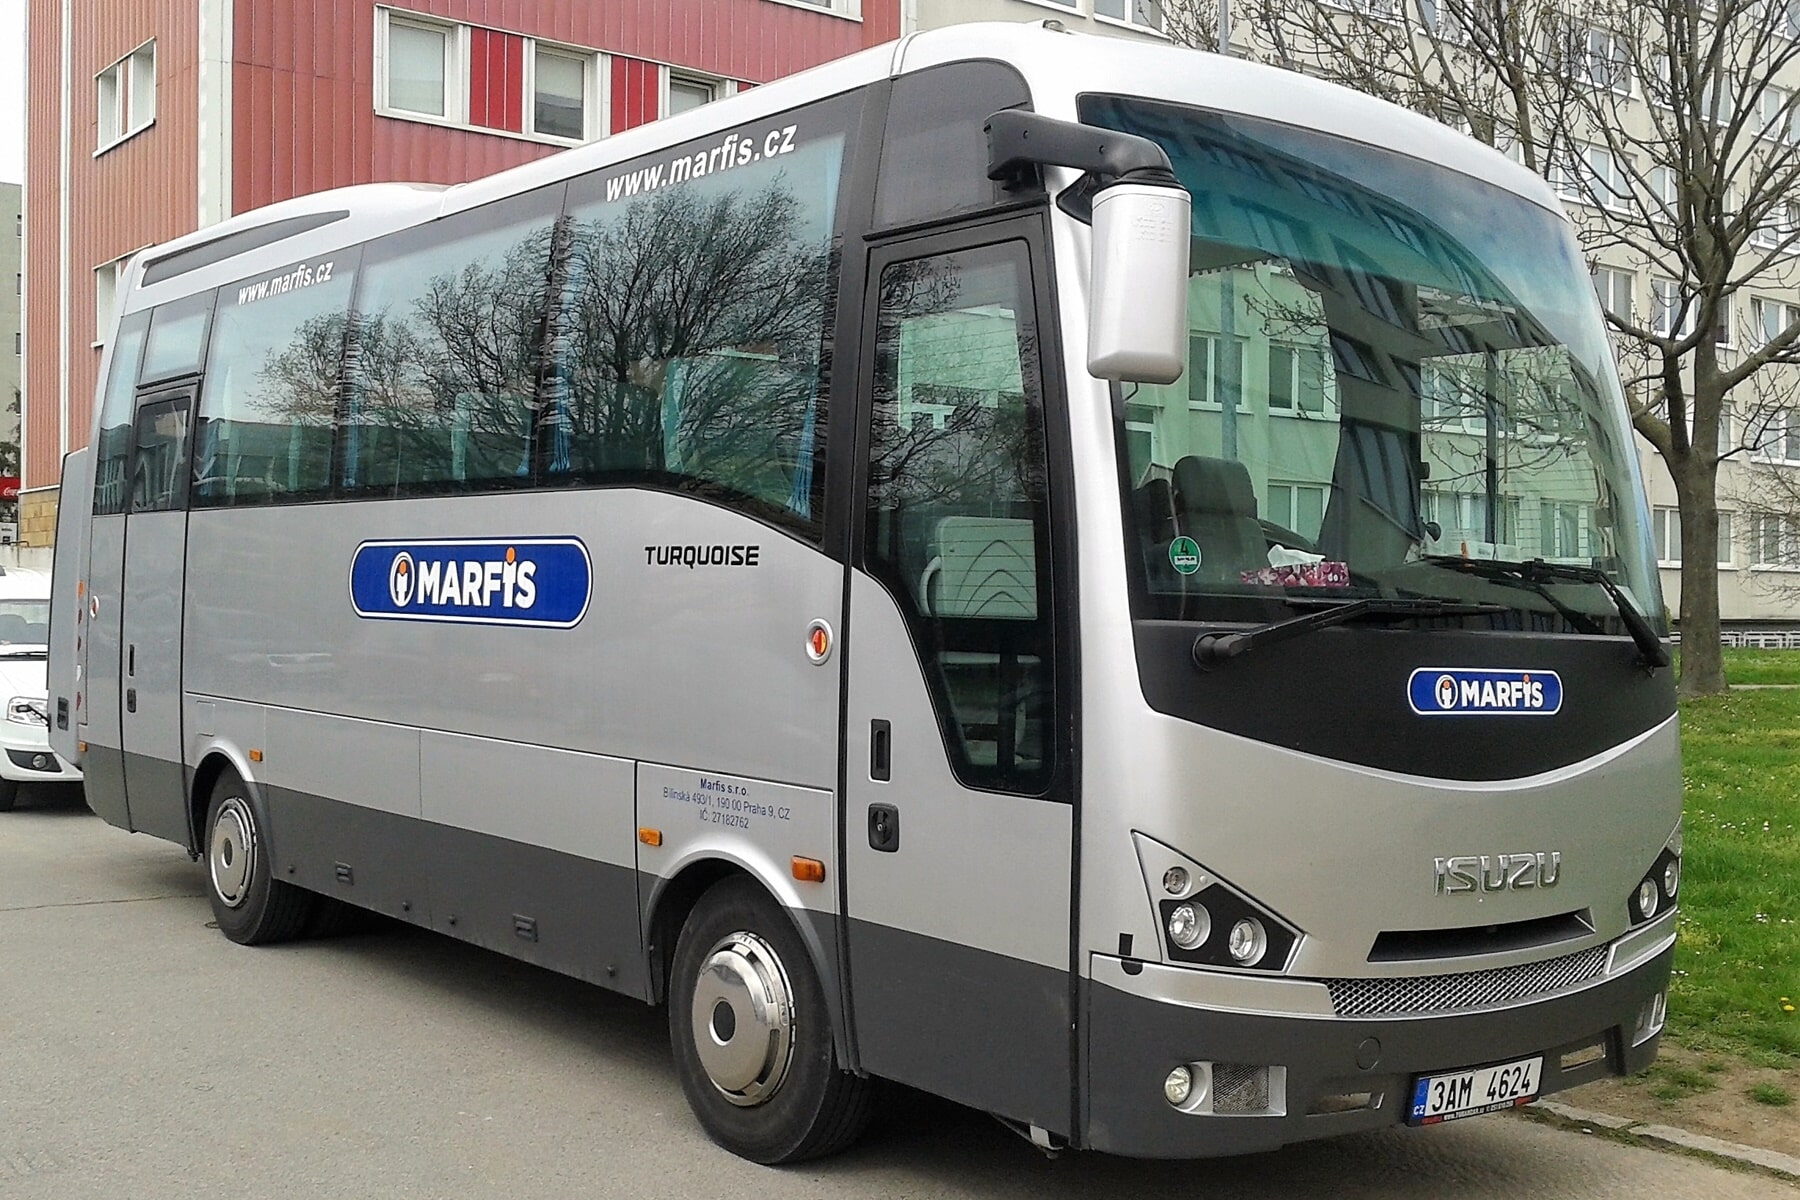 Vermietung von Kleinbussen und Autobussen Prag